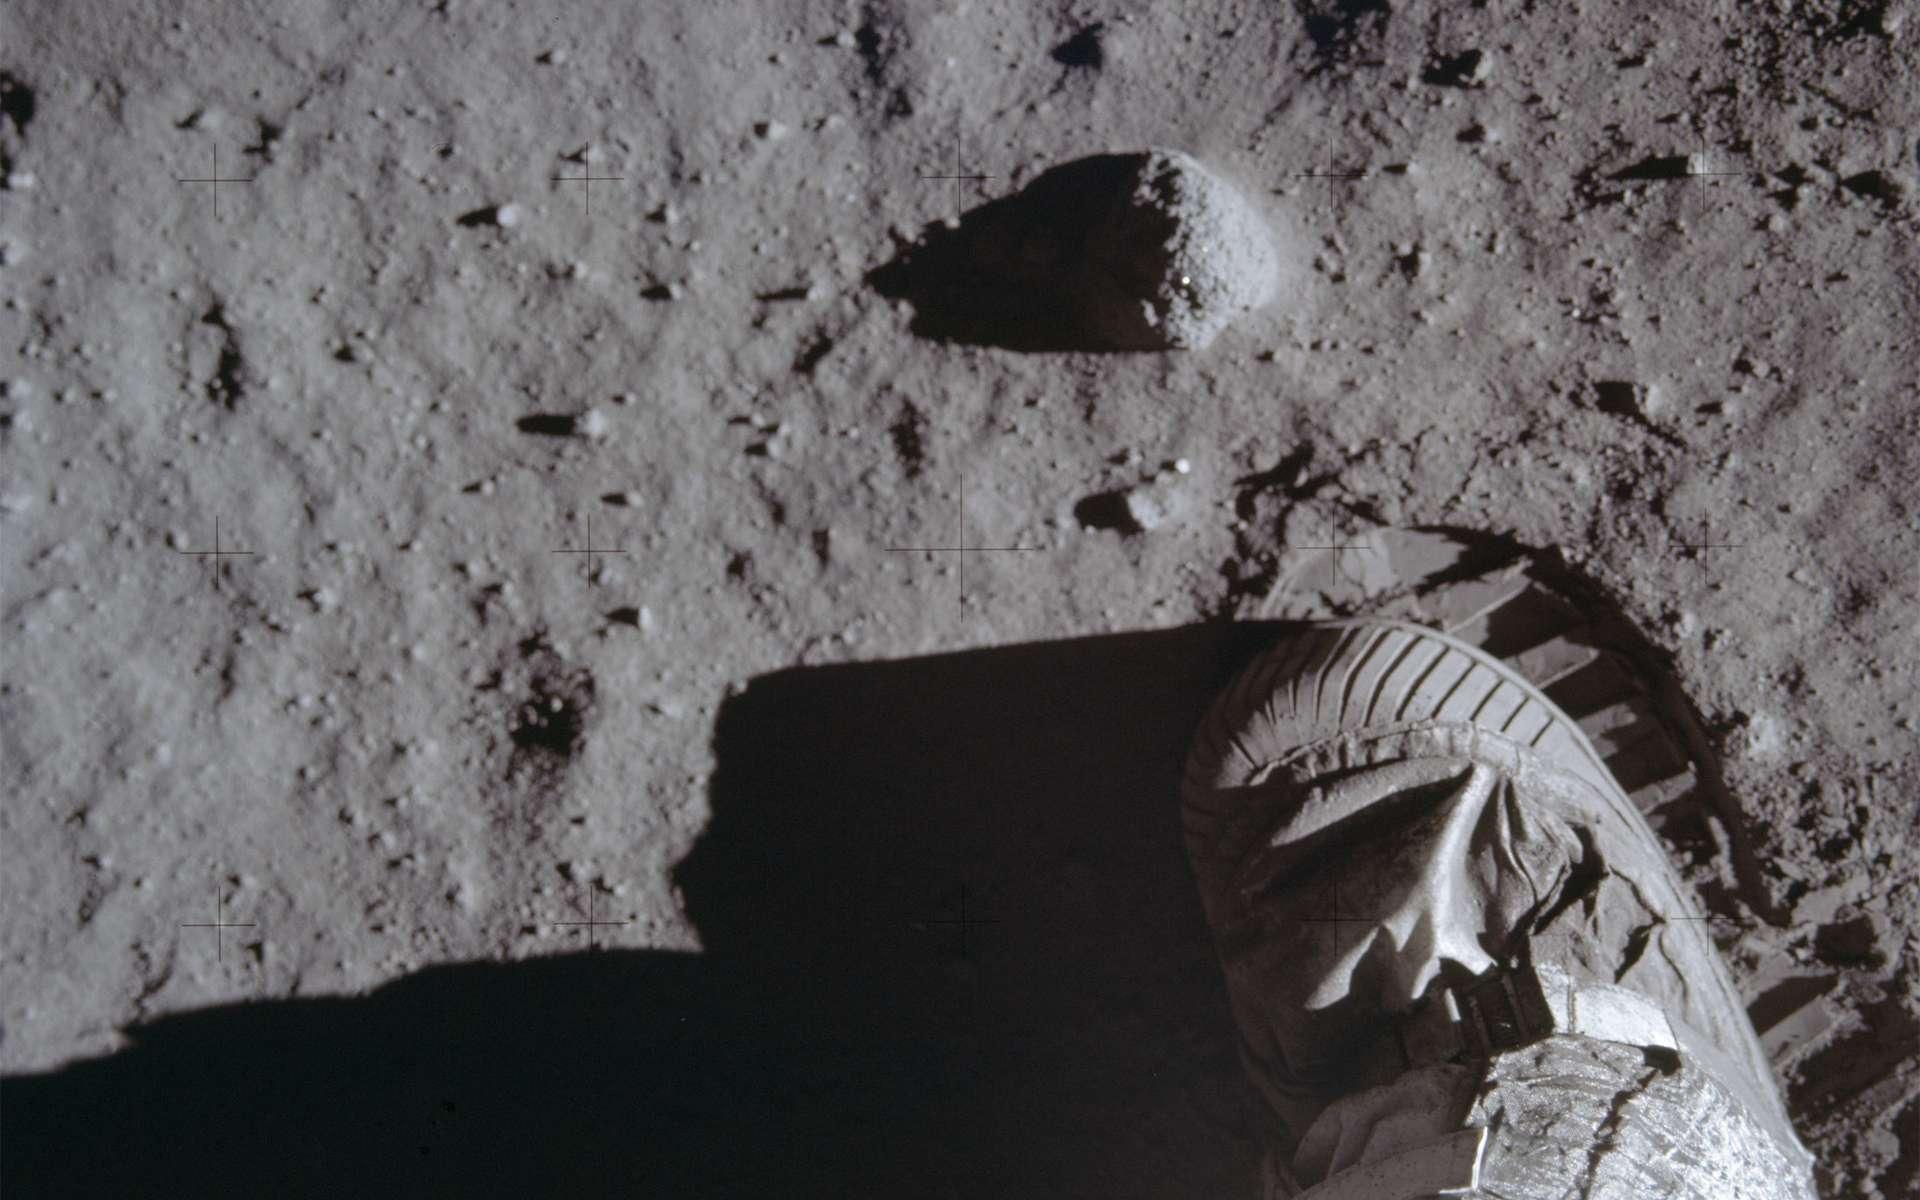 Troisième puissance spatiale à avoir envoyé un Homme dans l'espace par ses propres moyens, en 2003, après l'ex-URSS et les États-Unis, la Chine étoffe son programme lunaire et veut faire de notre satellite son terrain de jeu. Une première mission habitée est planifiée pour 2036. © Nasa